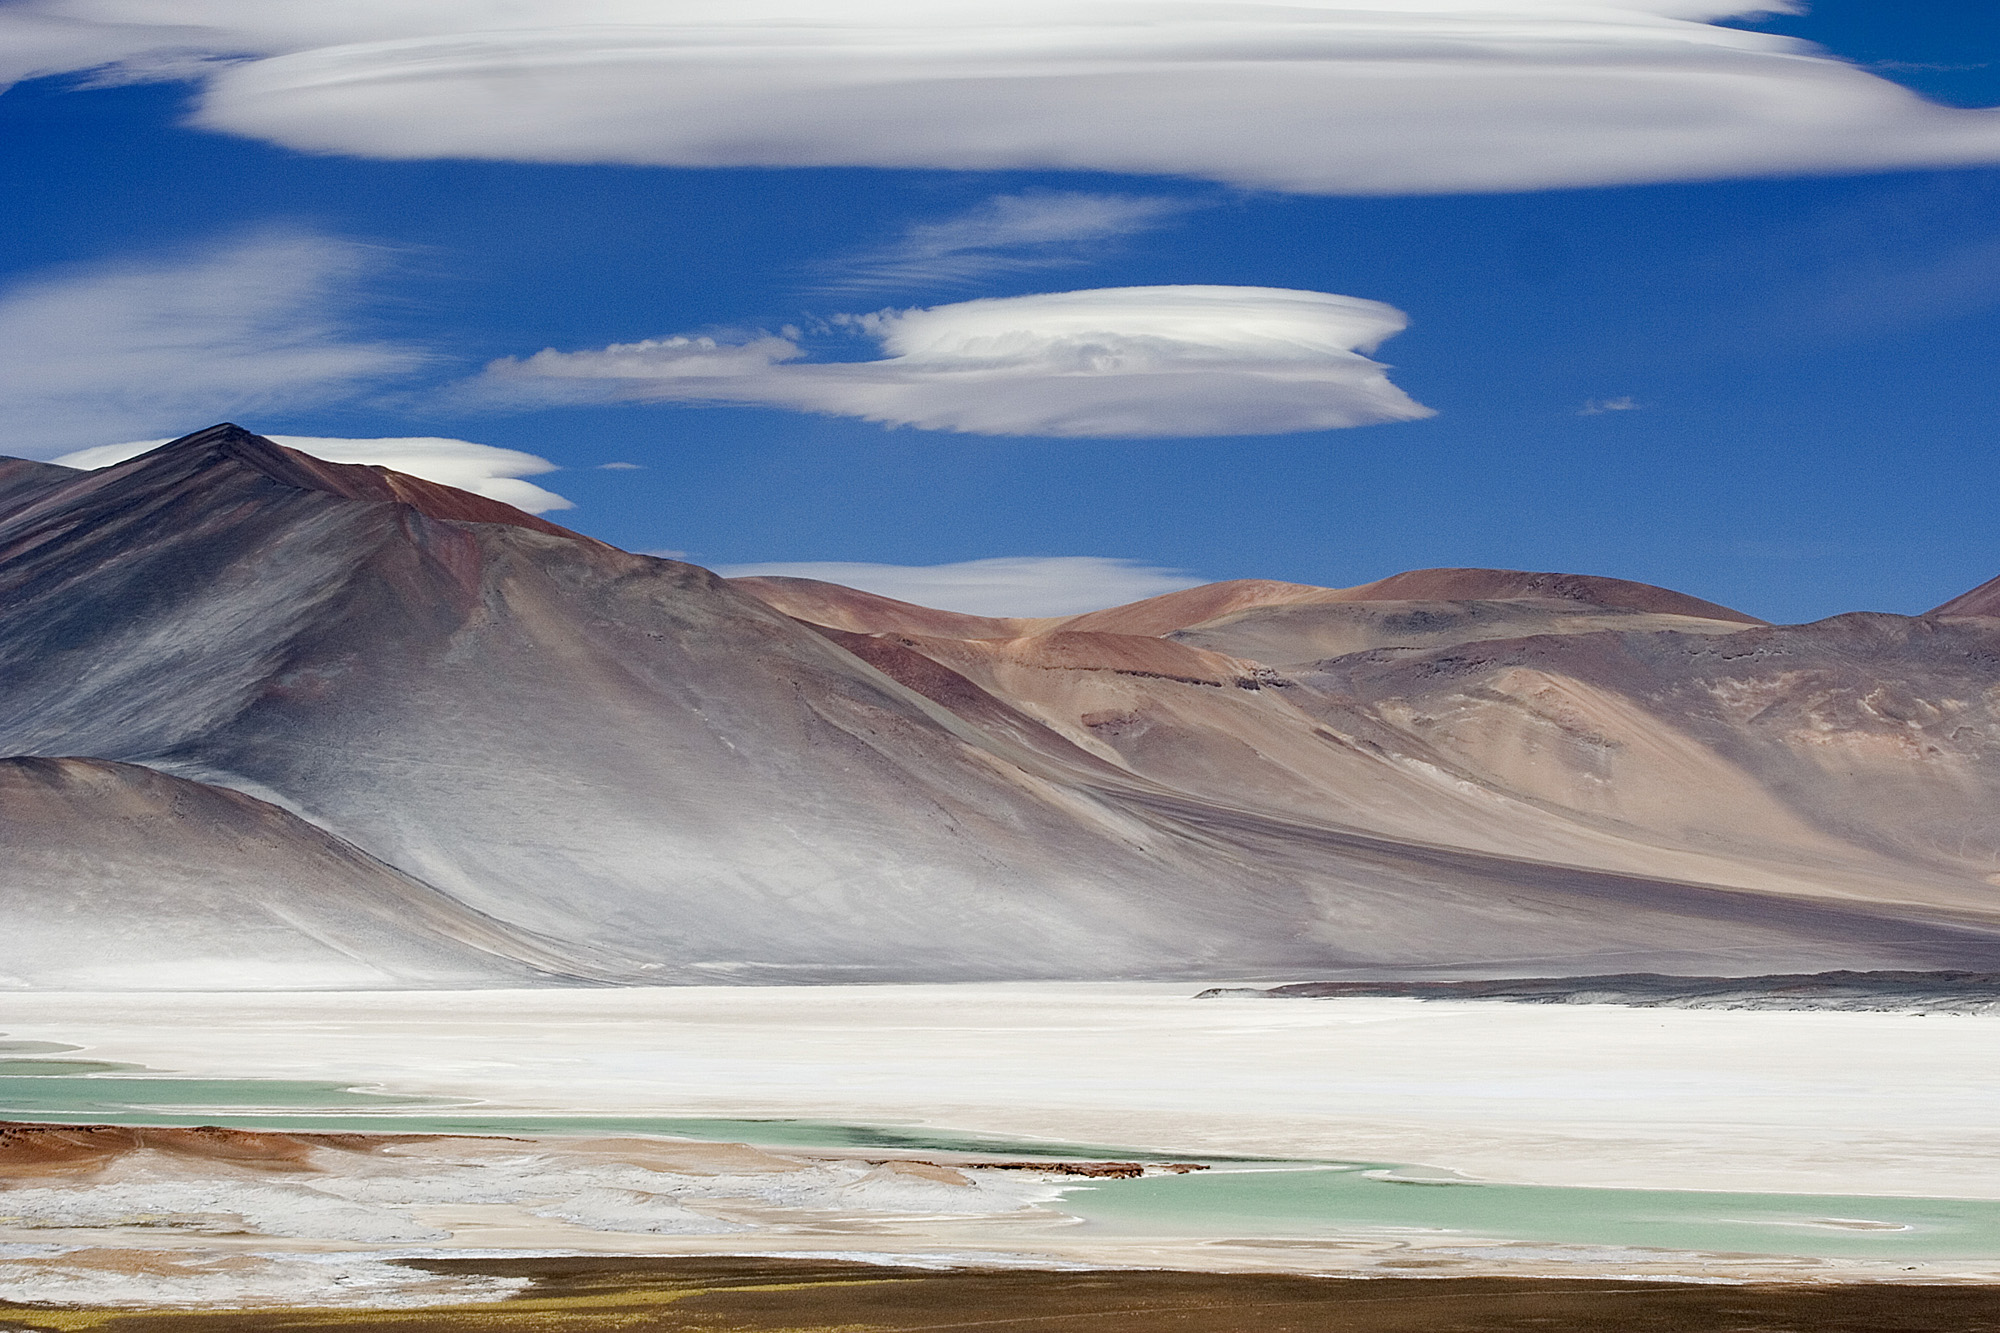 Miscanti_Lagoon_San_Pedro_de_Atacama_Chile_Luca_Galuzzi_2006